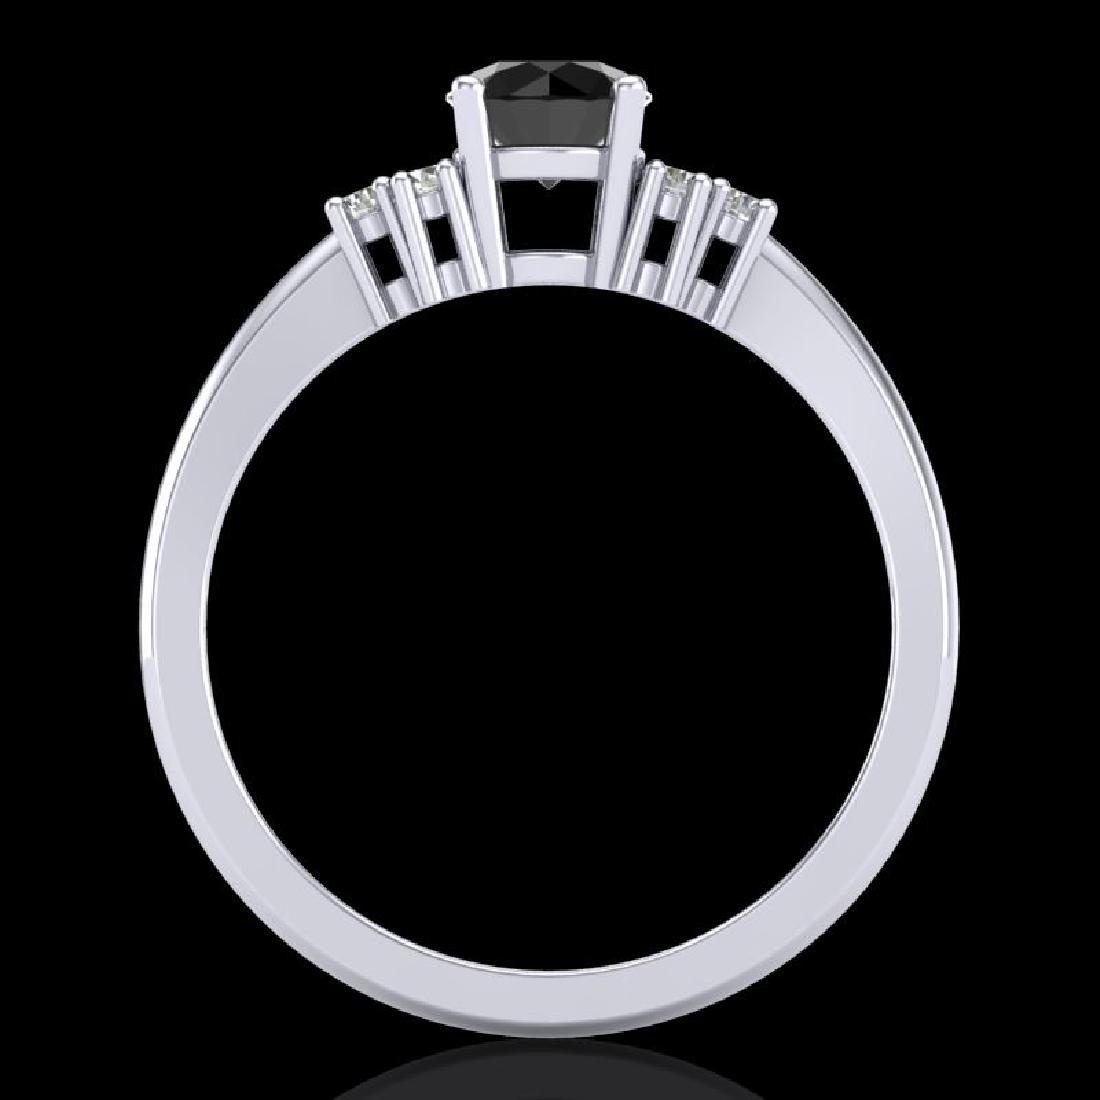 0.75 CTW Fancy Black Diamond Solitaire Engagement - 3